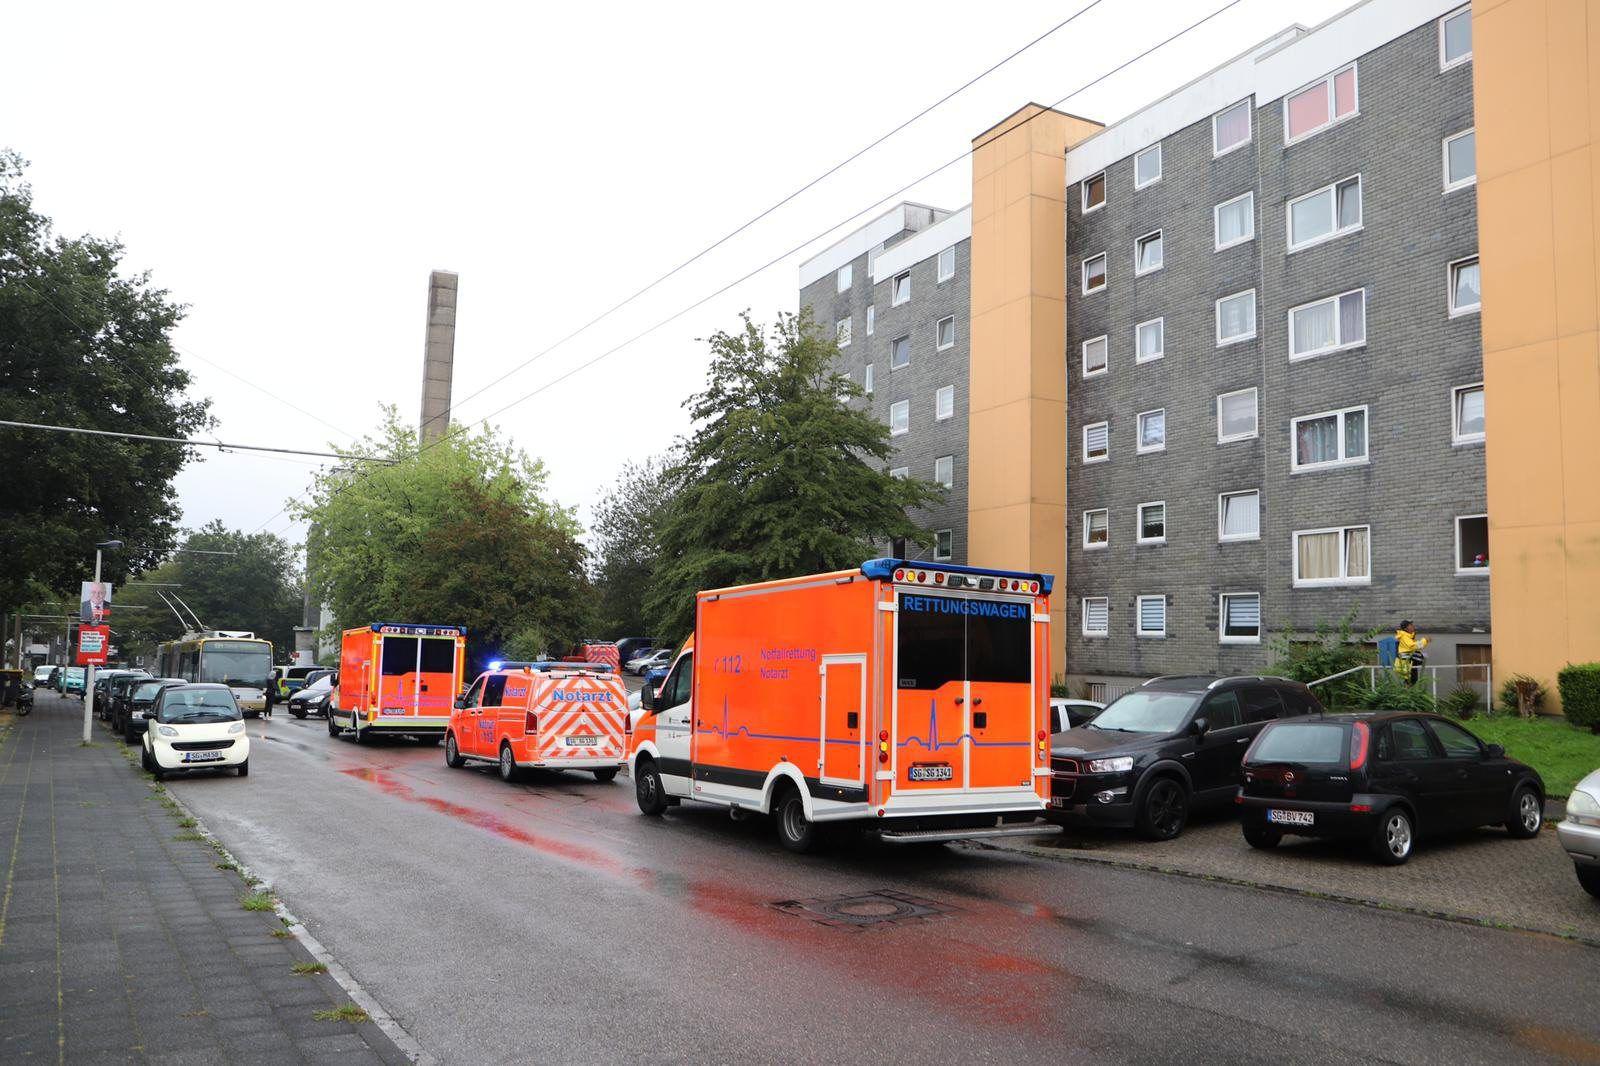 Matka v Německu zabila 5 dětí, následně skočila pod vlak